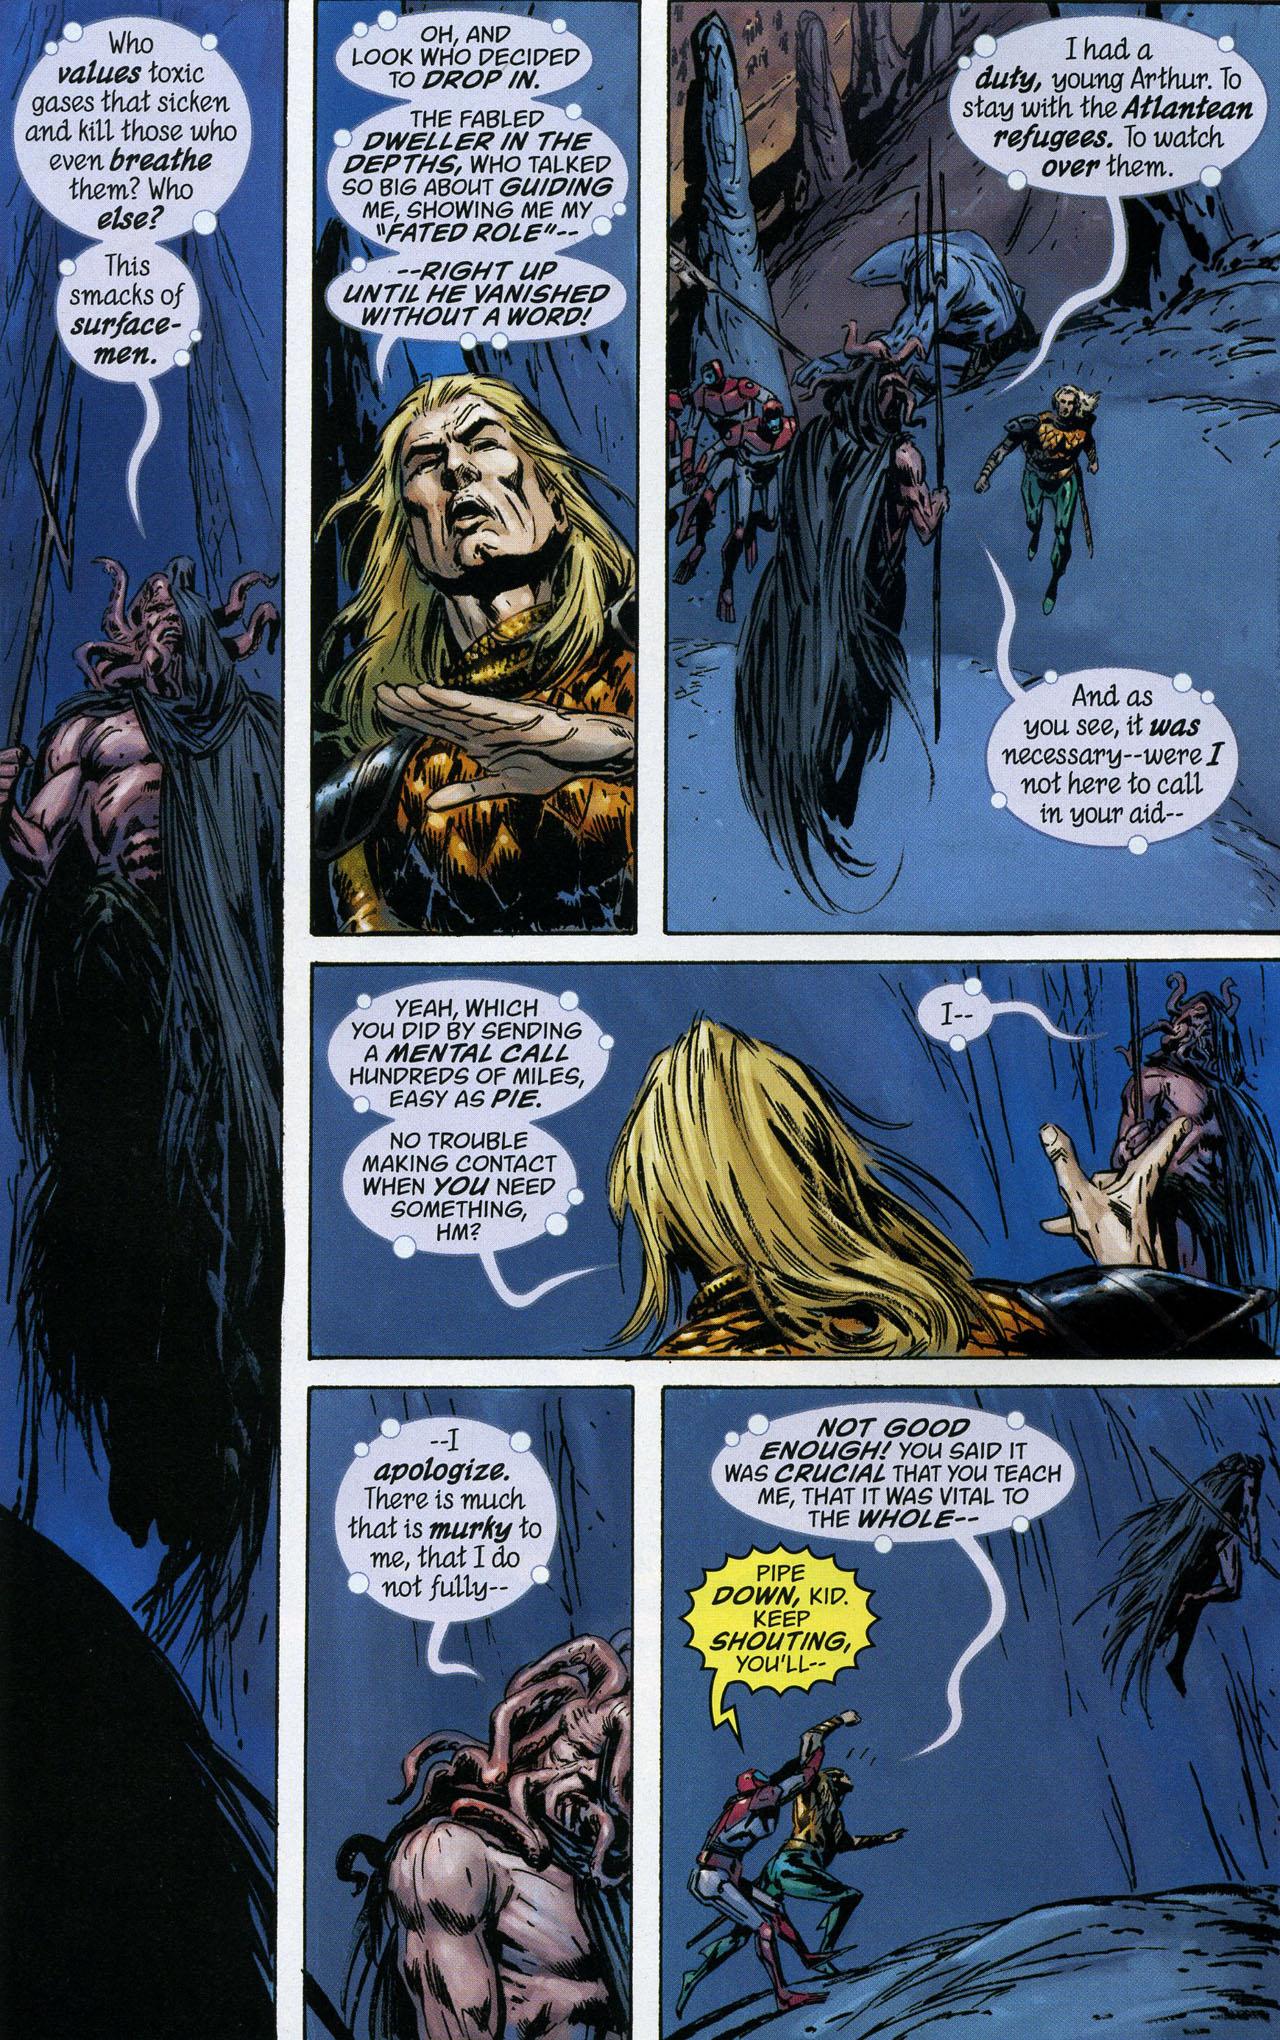 Read online Aquaman: Sword of Atlantis comic -  Issue #44 - 4